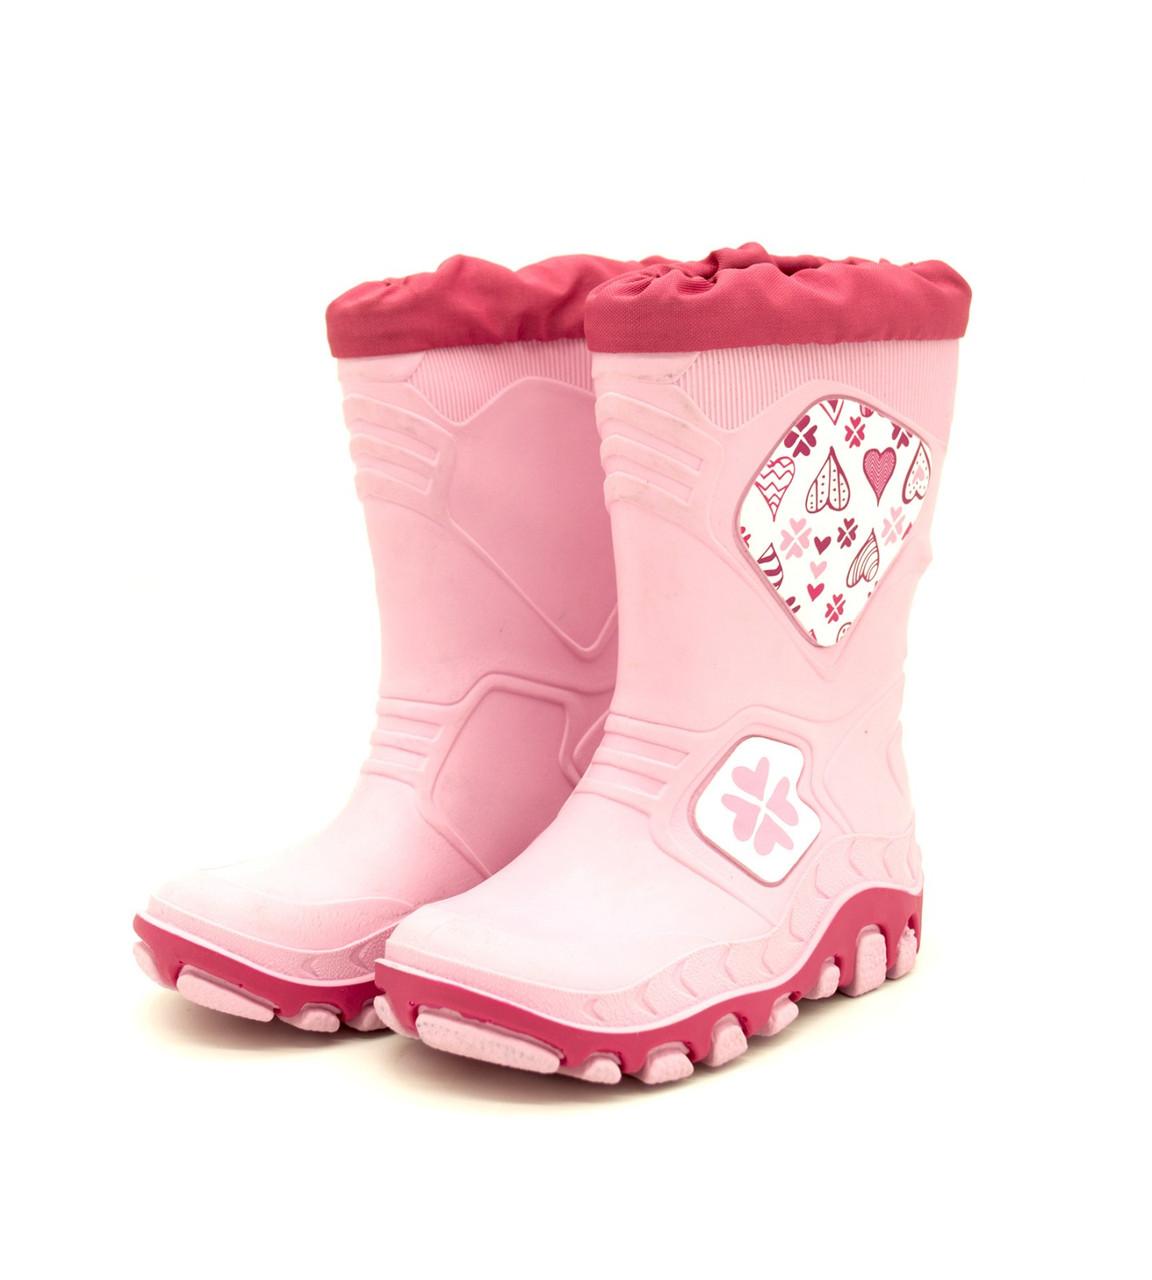 Гумові чоботи для дівчинки фірми Lupilu Італія Розмір: 22-23.